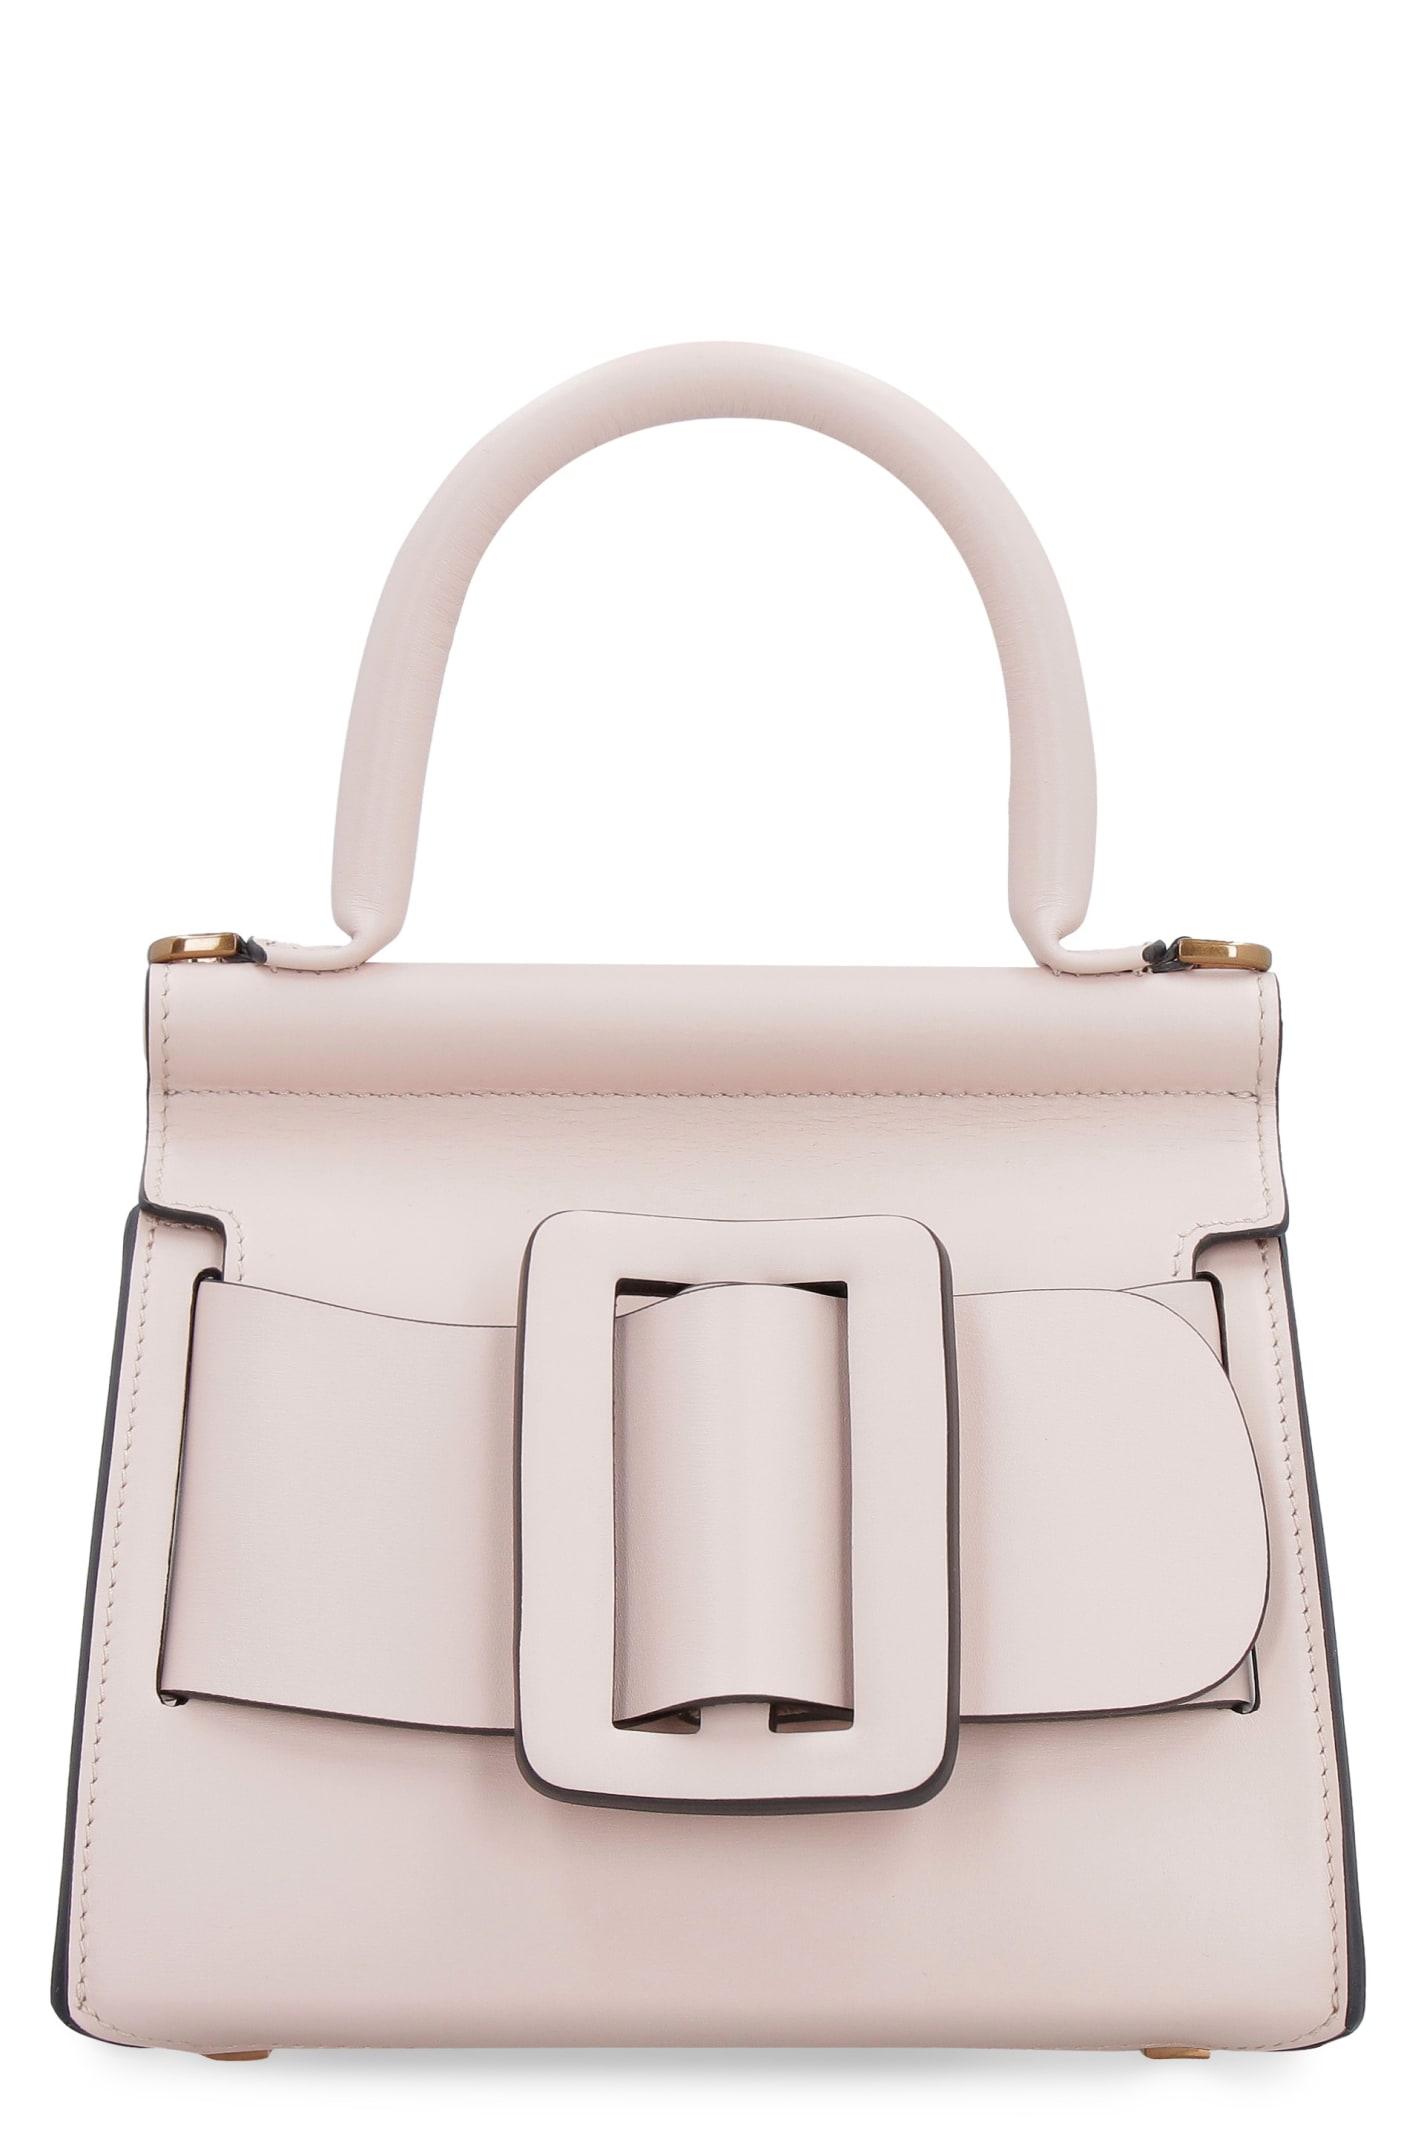 Karl 19 Leather Handbag